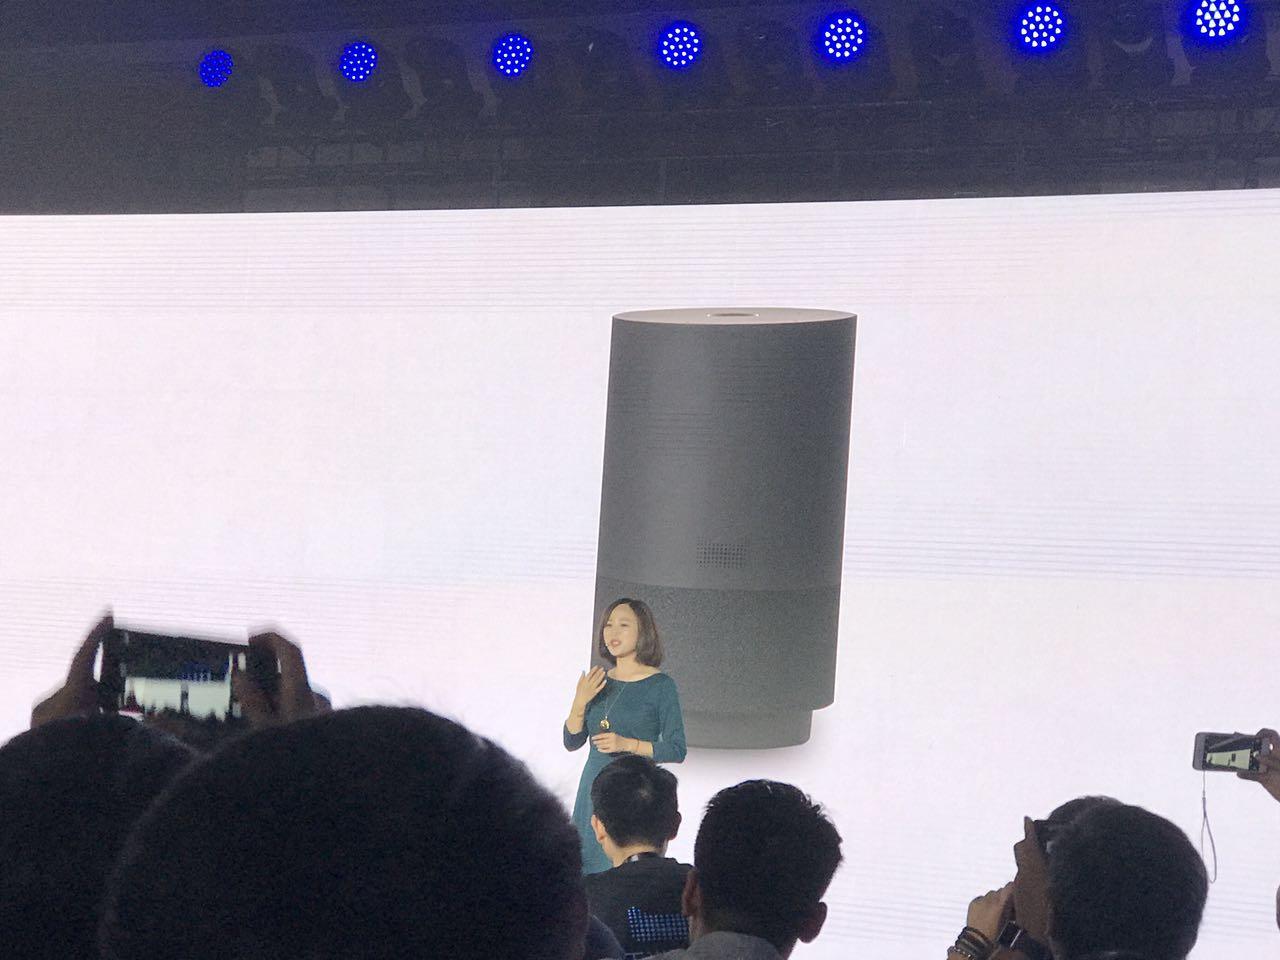 阿里发布首款智能语音设备天猫精灵X1